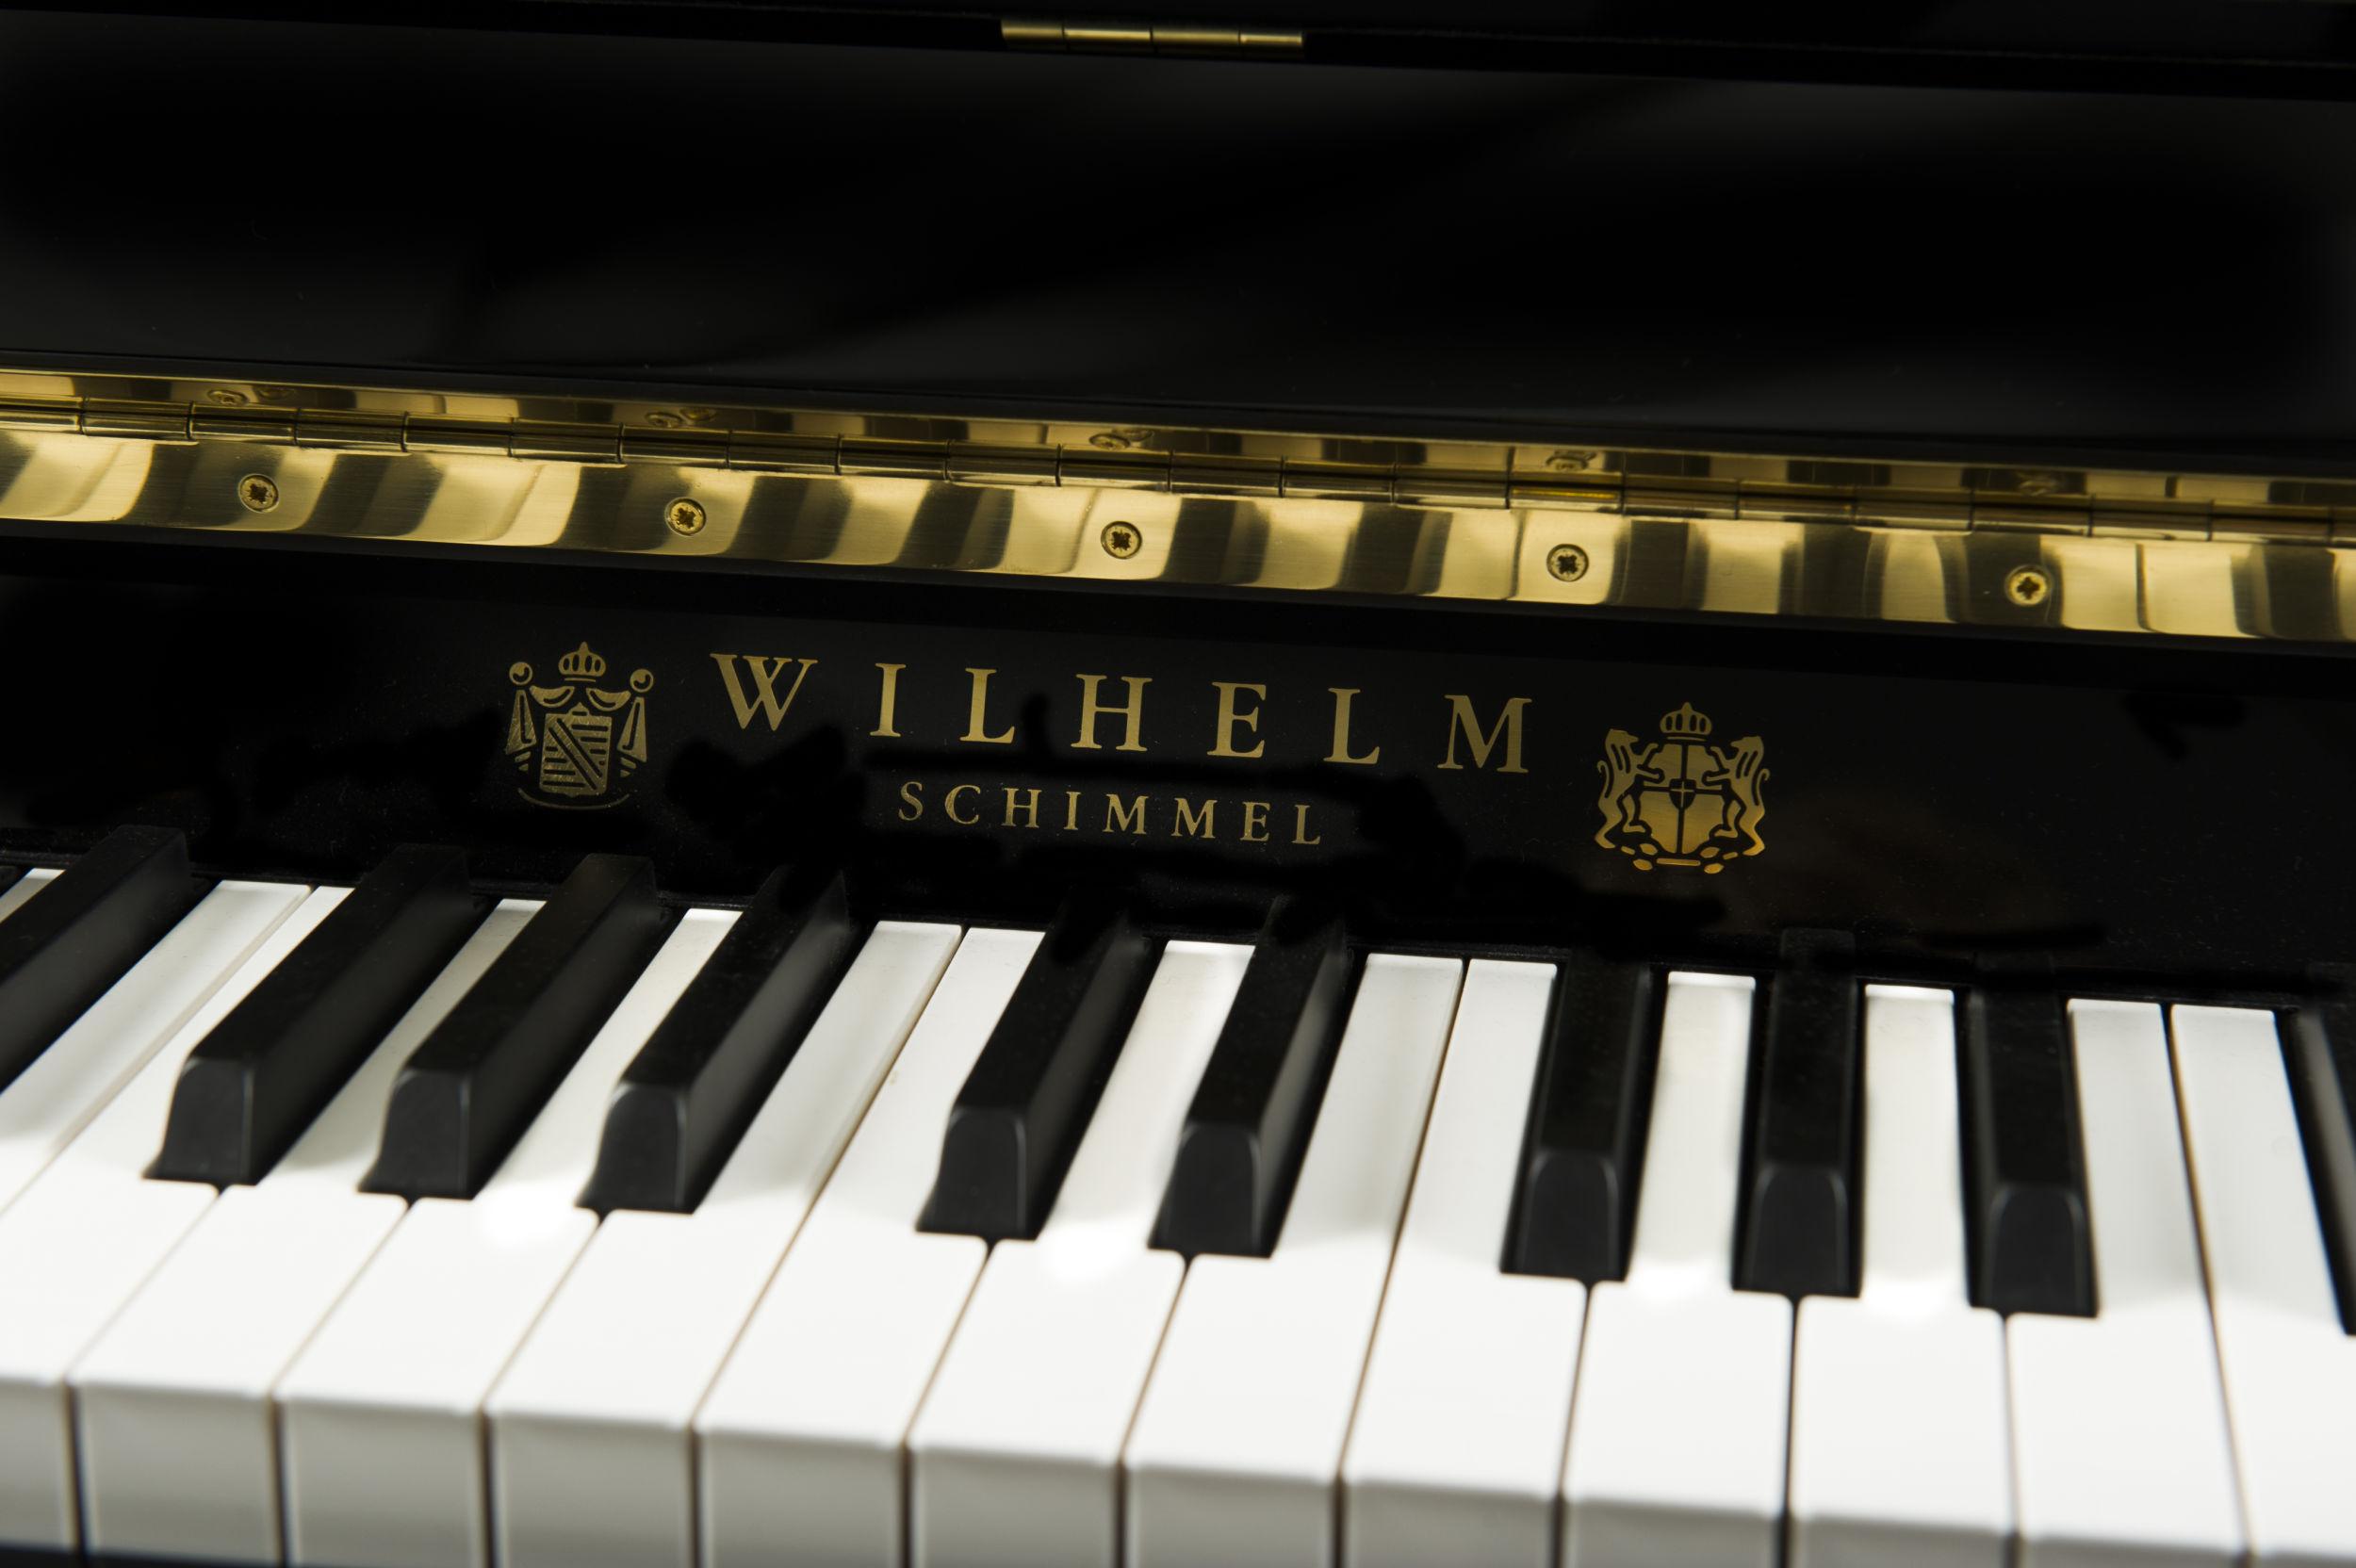 Wilhelm-Schimmel-Aspheim